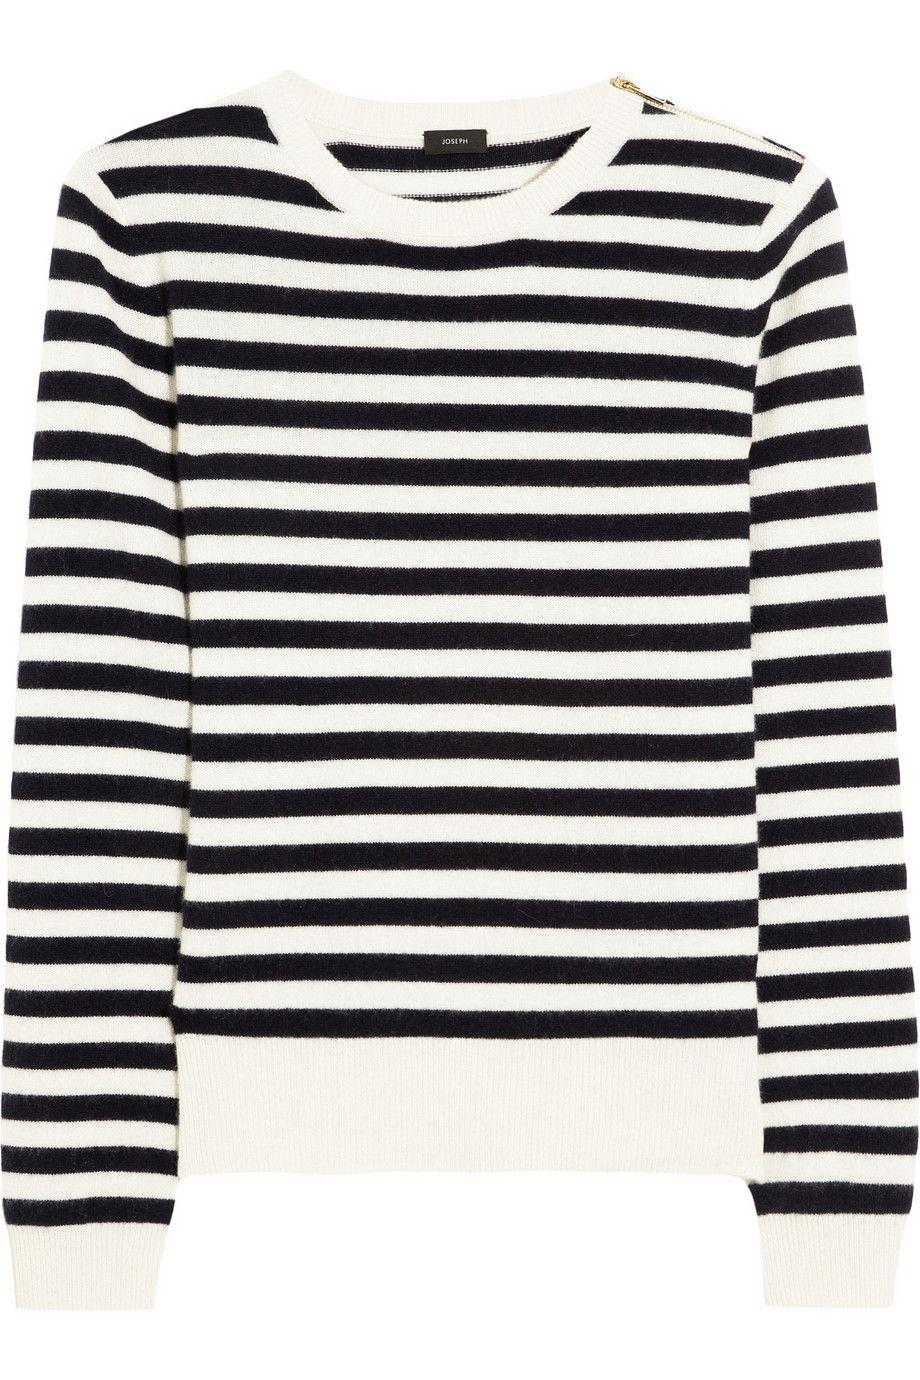 Joseph | Sailor striped cashmere sweater | NET-A-PORTER.COM ...